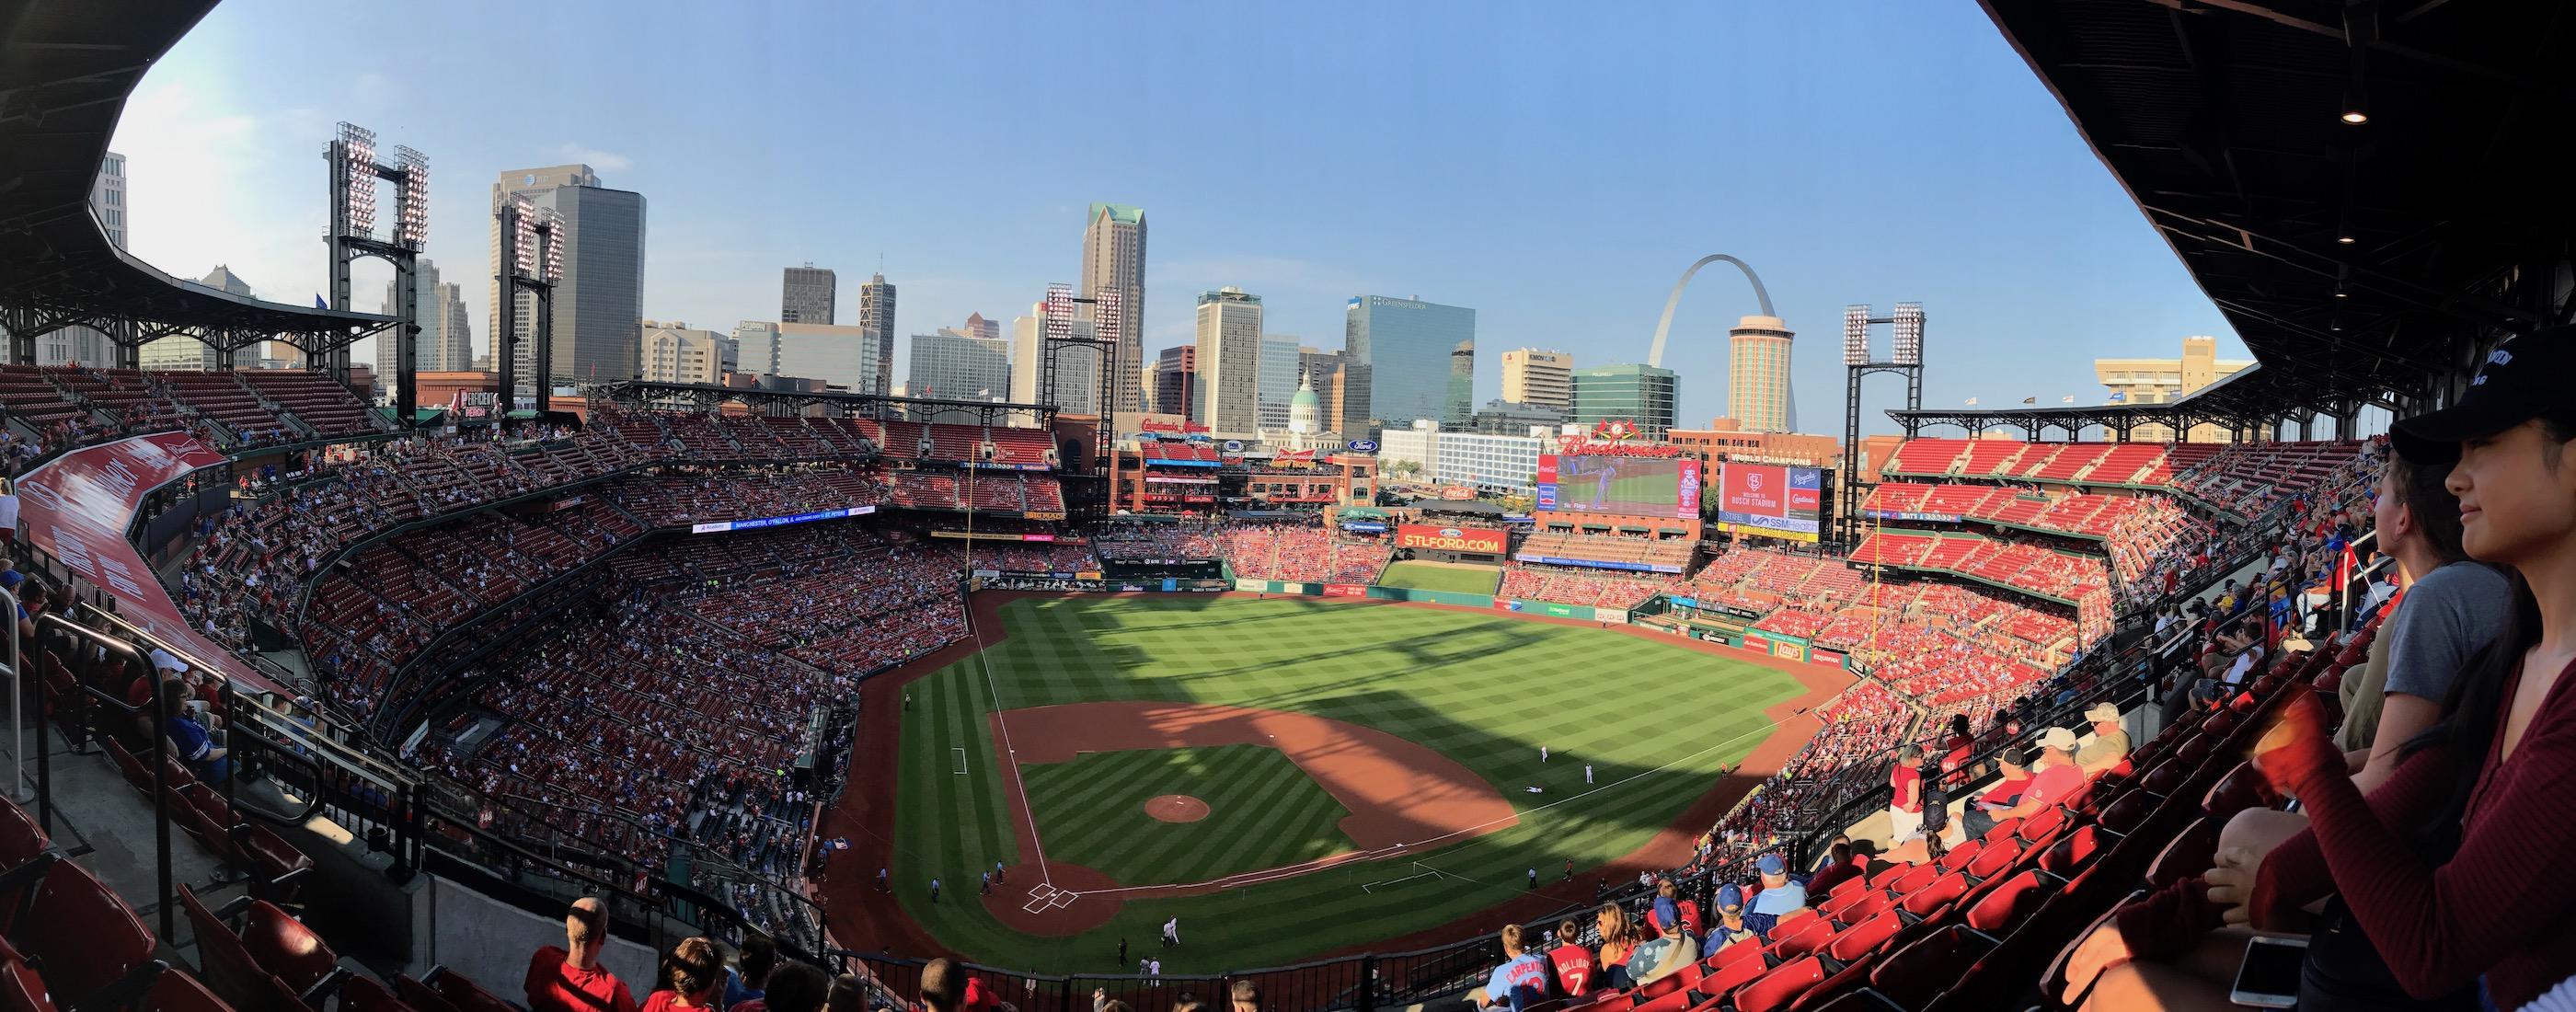 St. Louis Cardinals Stadium Bleacher View